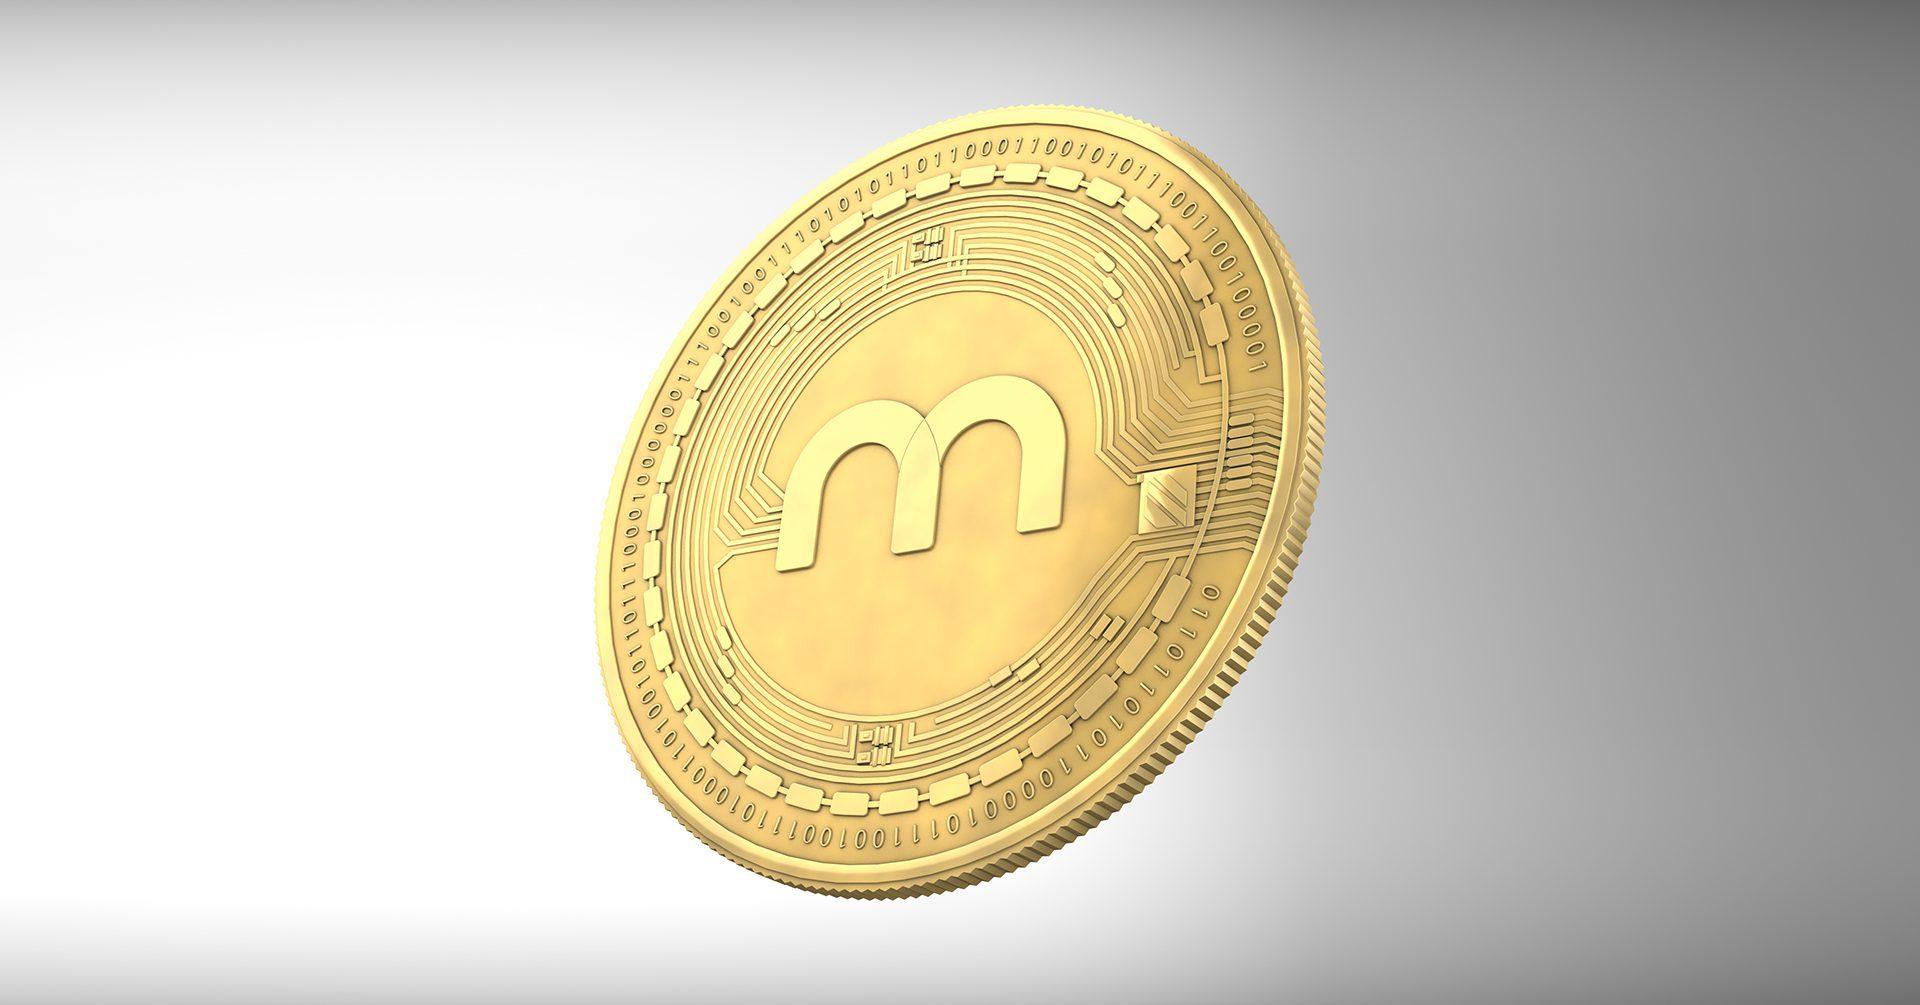 mediamodifier-token-3d-crypto-image-coin-NFT